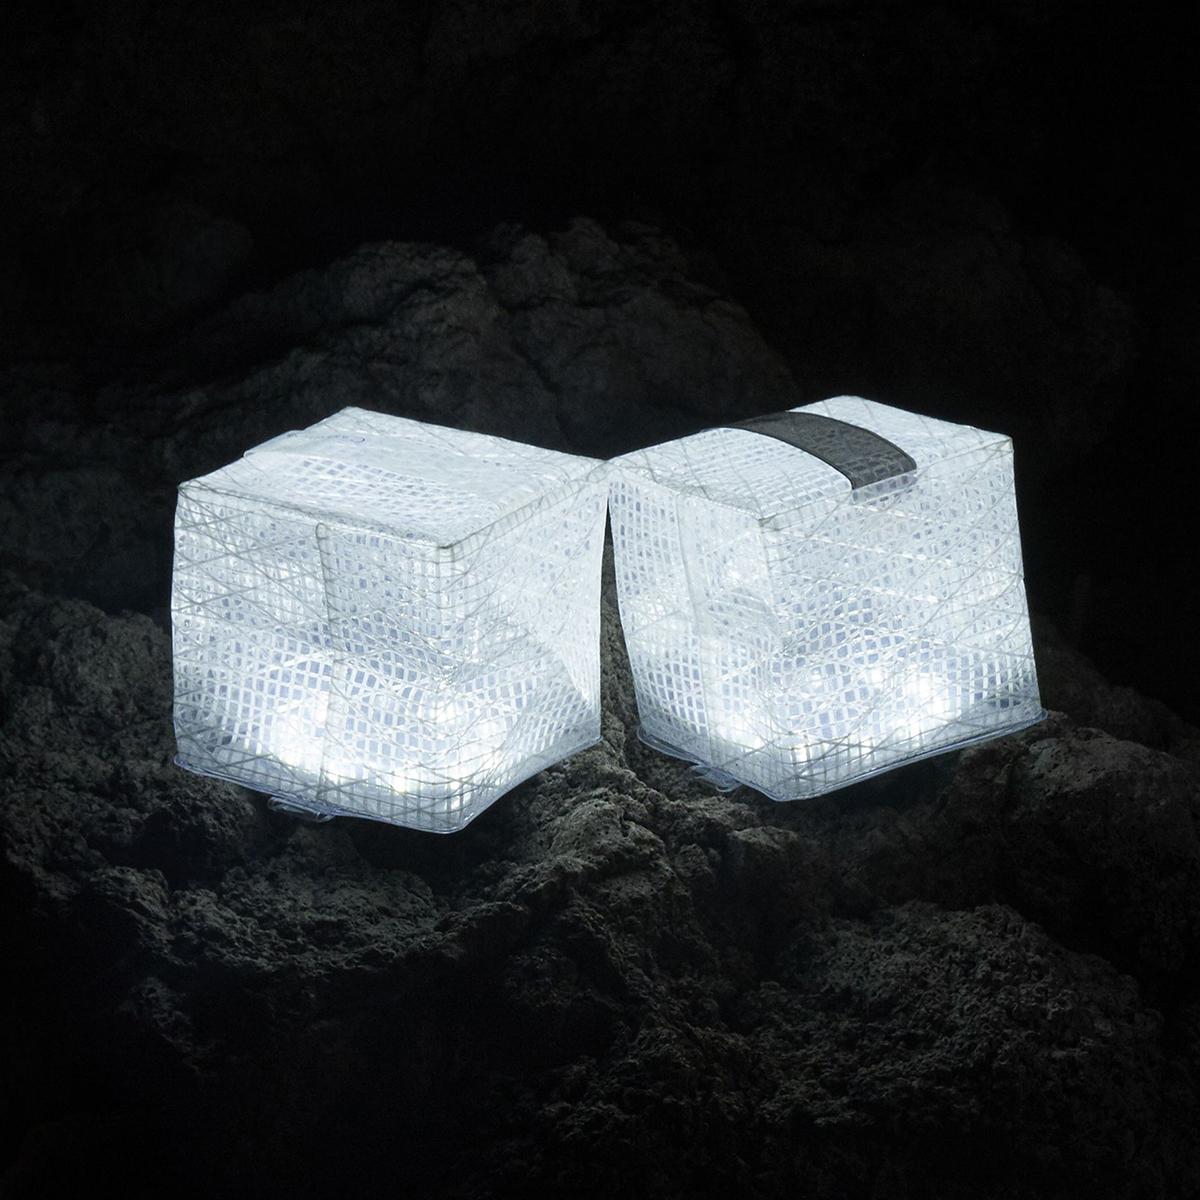 「クールブライト」は、昼白色(蛍光灯)のような白い光。薄さ1.2cmに畳める超軽量ソーラー充電式ライト(ランタン)で、いつも太陽の光がそばに|carry the sun